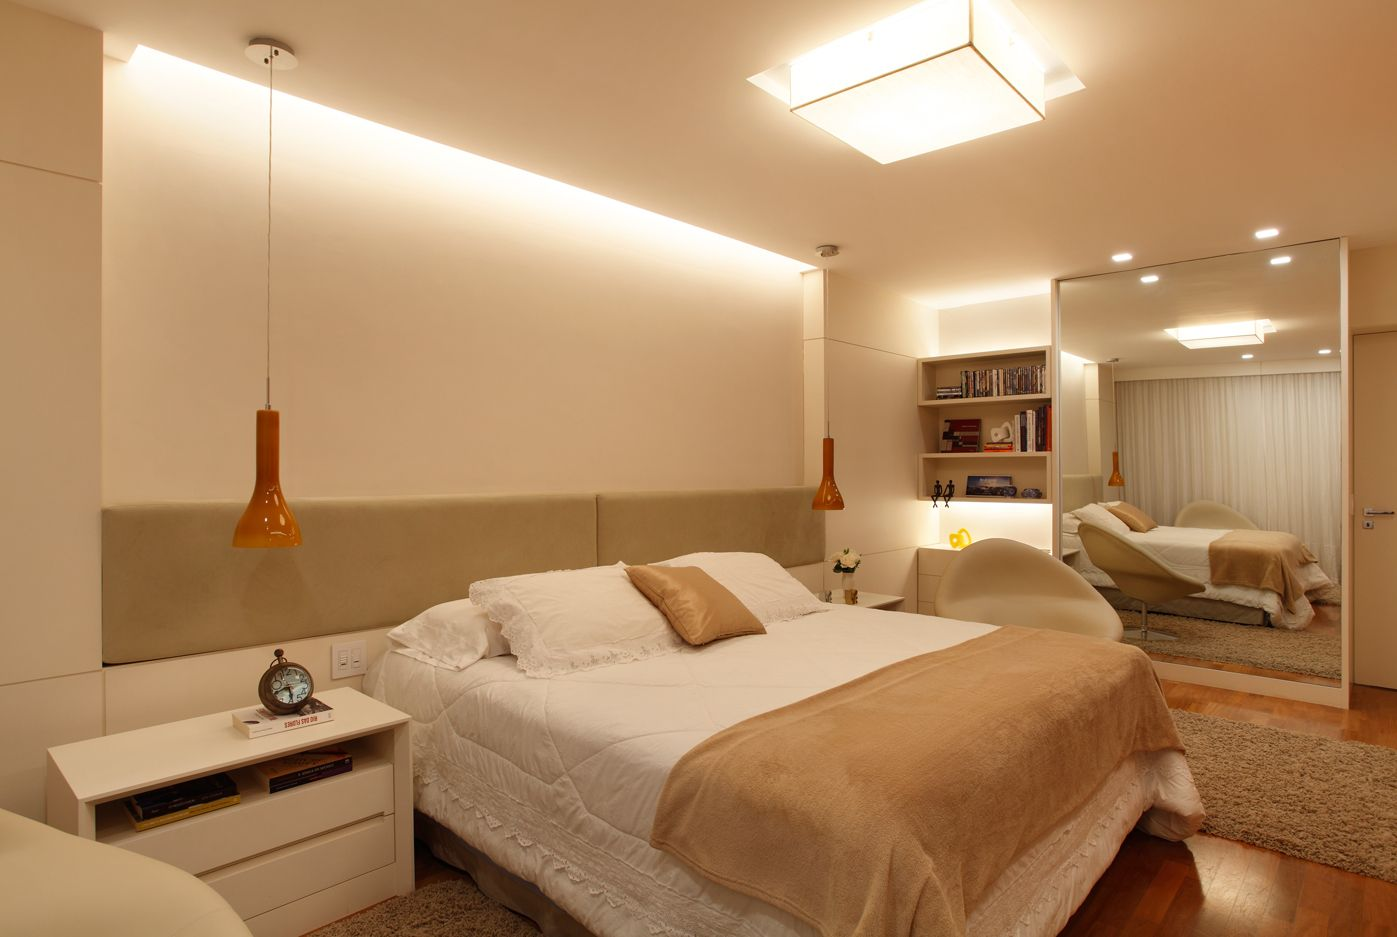 Detalhe de rebaixo em gesso na lumin ria do quarto paula for Modelo de tapiceria para dormitorio adulto